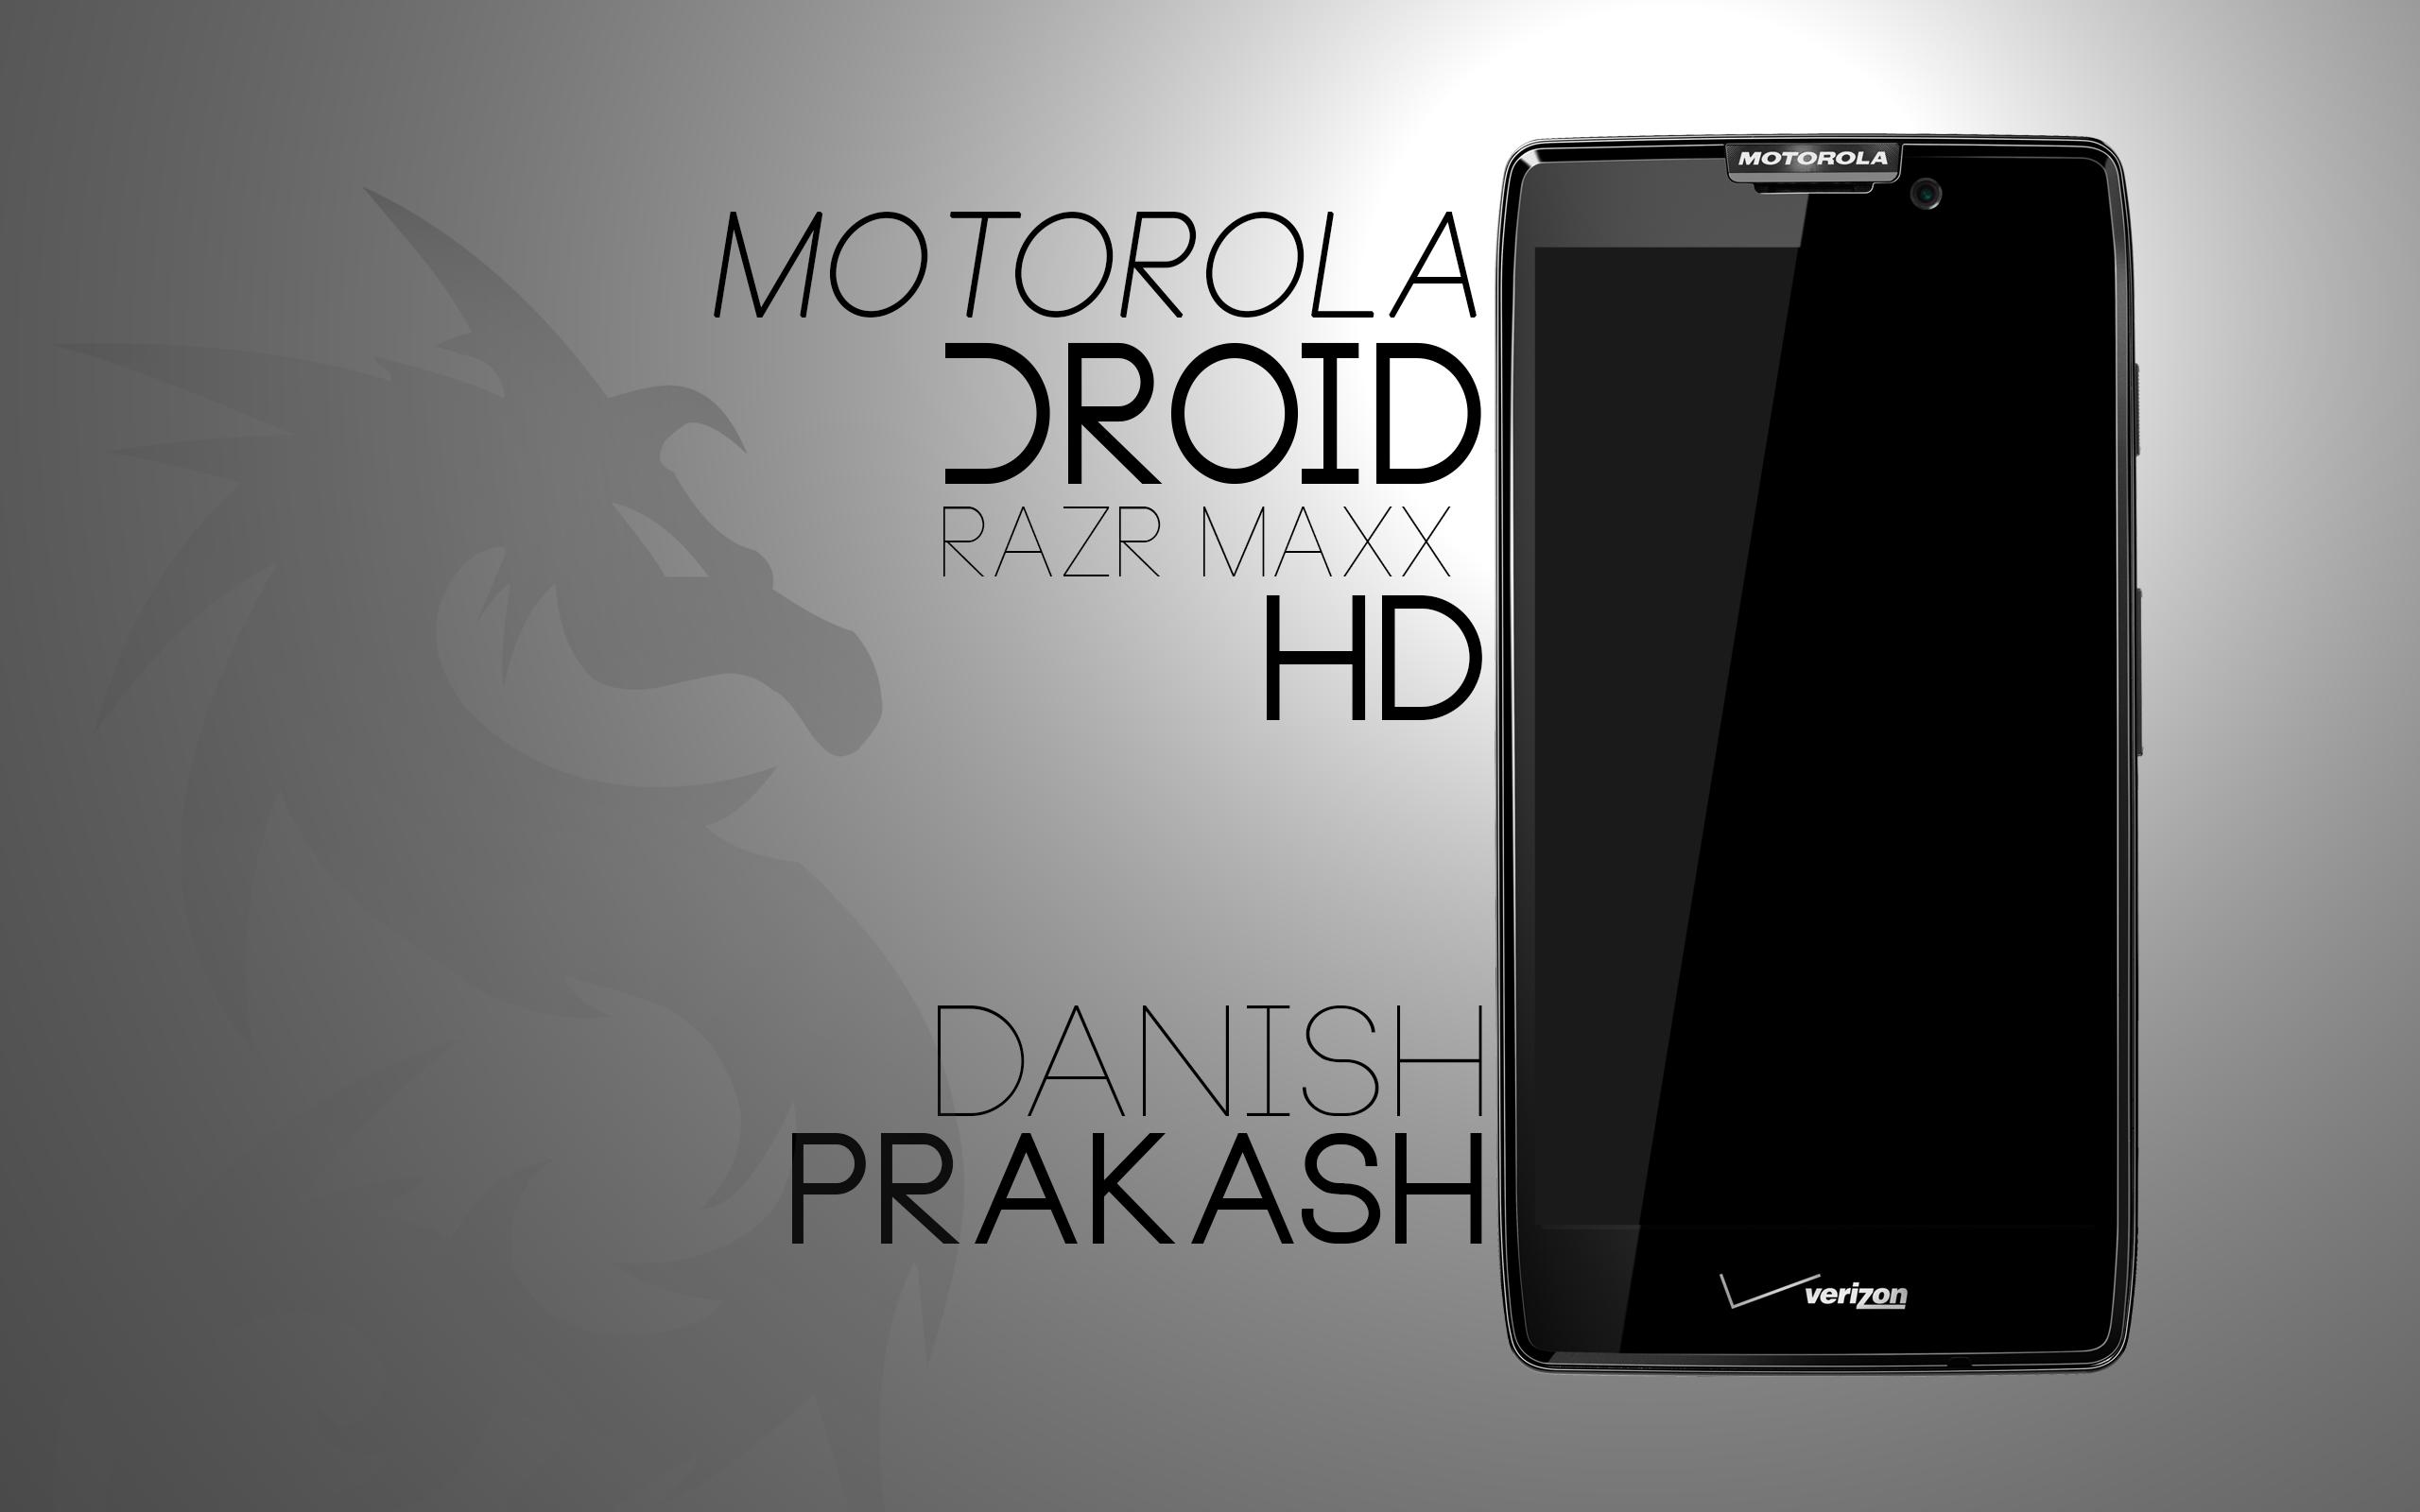 Motorola Droid Razr Maxx HD [psd]